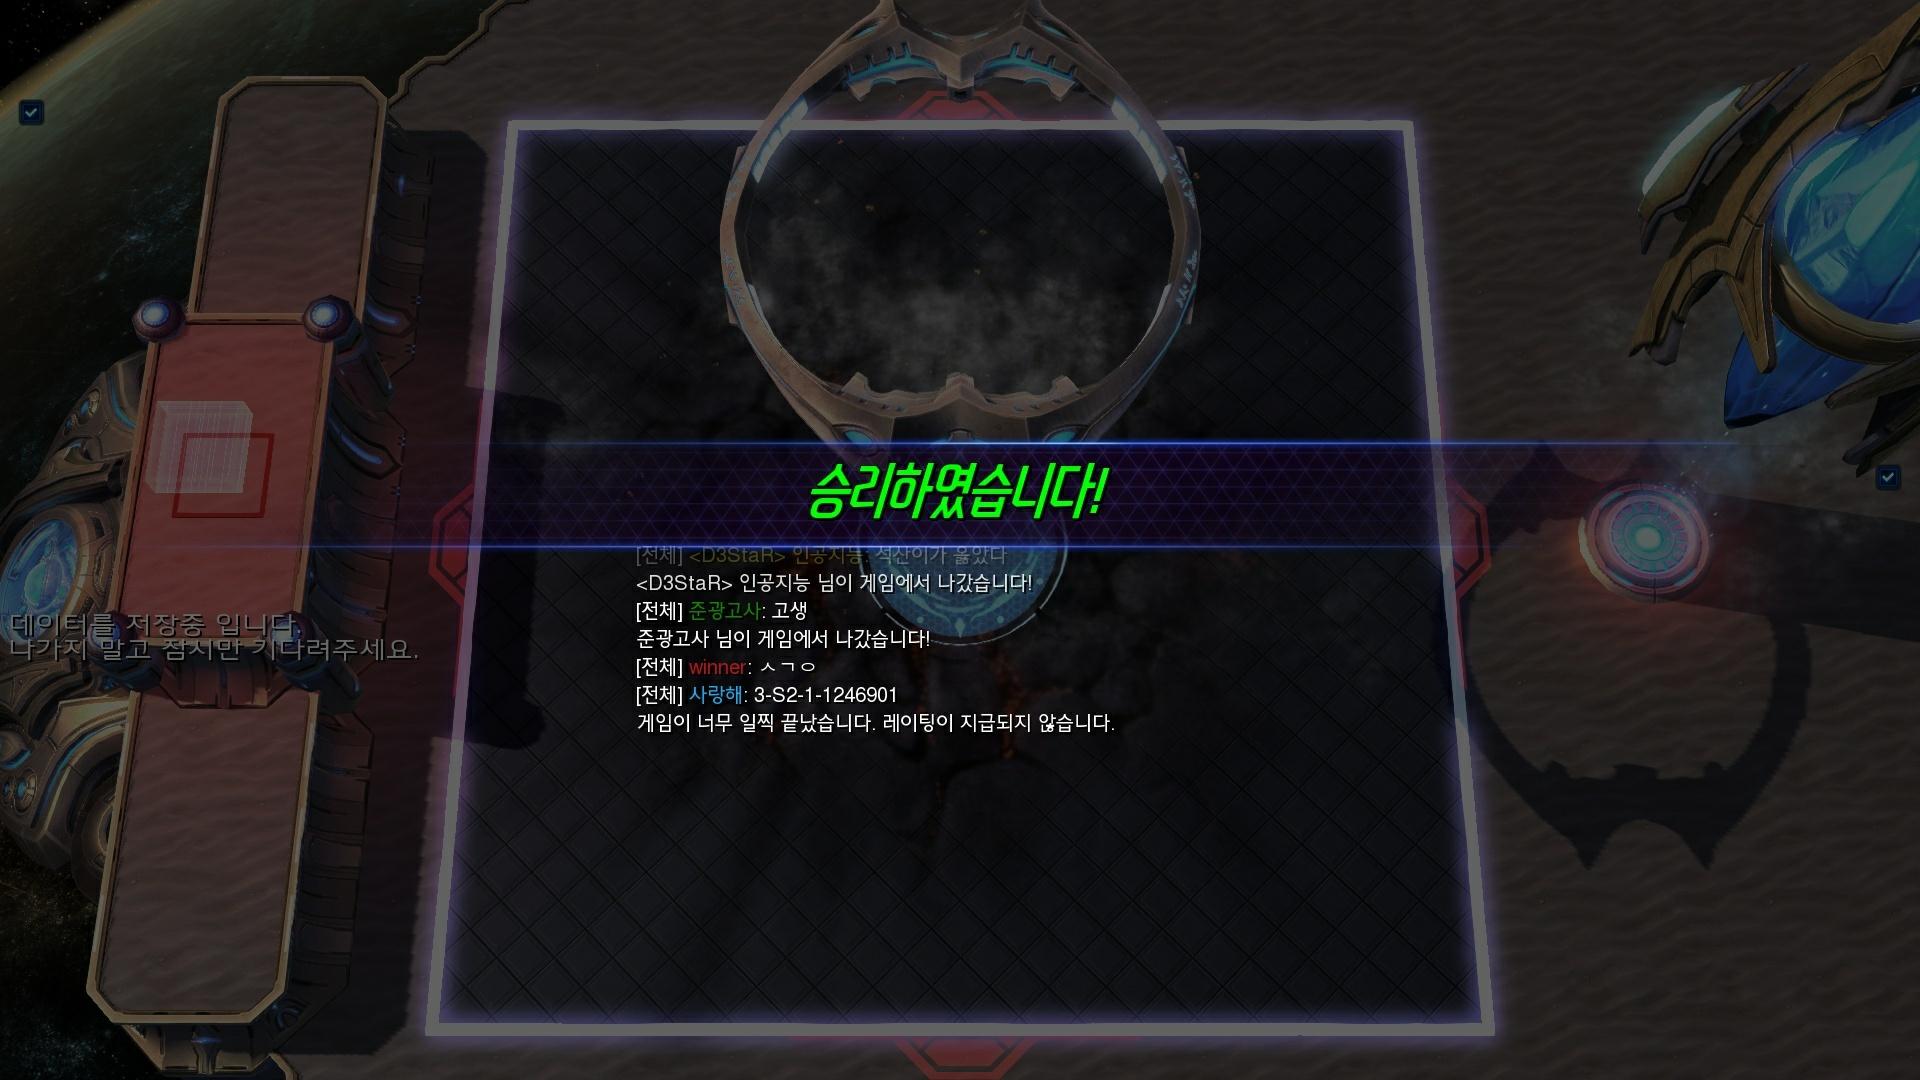 Screenshot2019-01-22 21_41_51.jpg